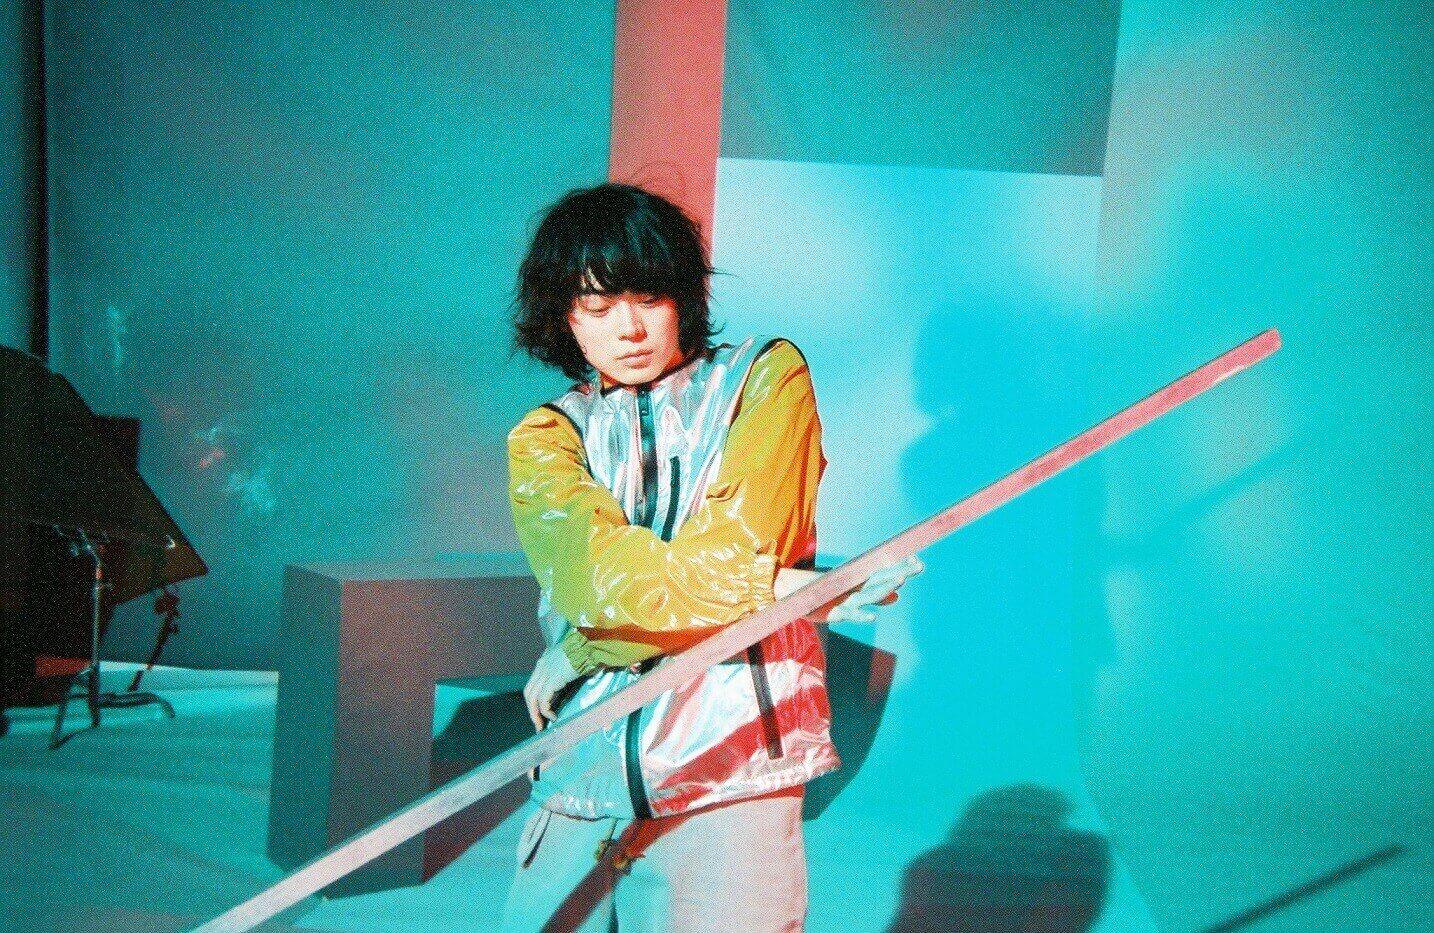 菅田将暉 忙しすぎる撮影でマネージャーに無茶ぶり?「横暴ですけど…」サムネイル画像